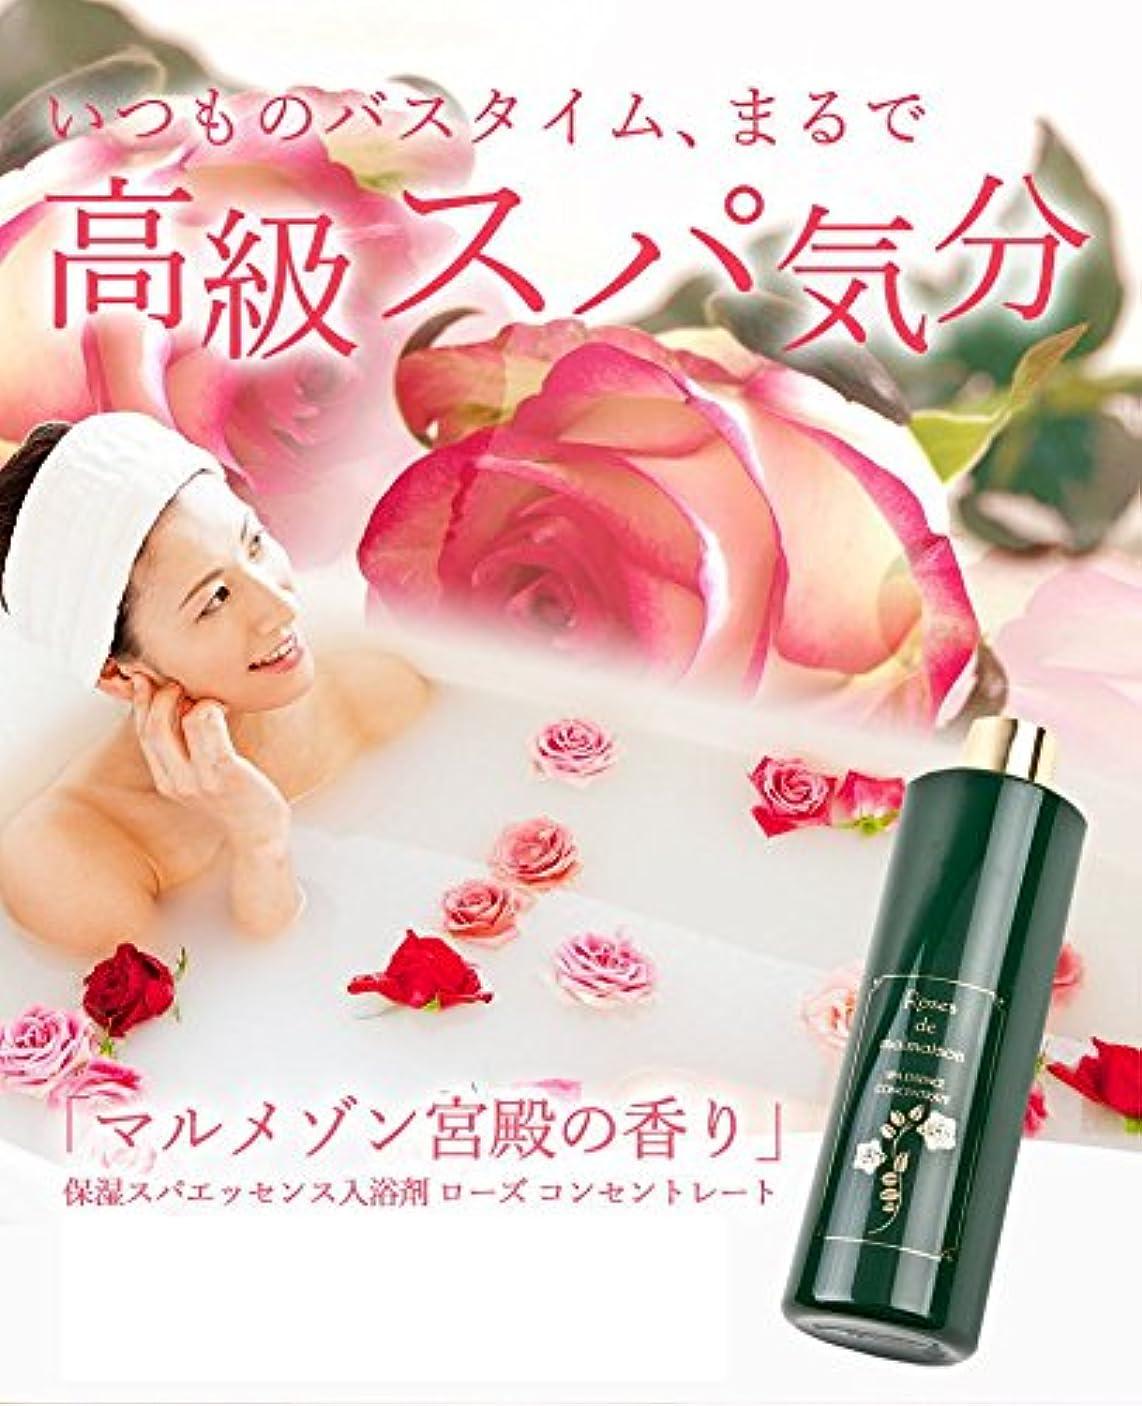 糞劇作家日帰り旅行にローズドマルメゾン スパエッセンス コンセントレート バラの香りの入浴剤 天然ローズの香り 高級スパのような入浴剤